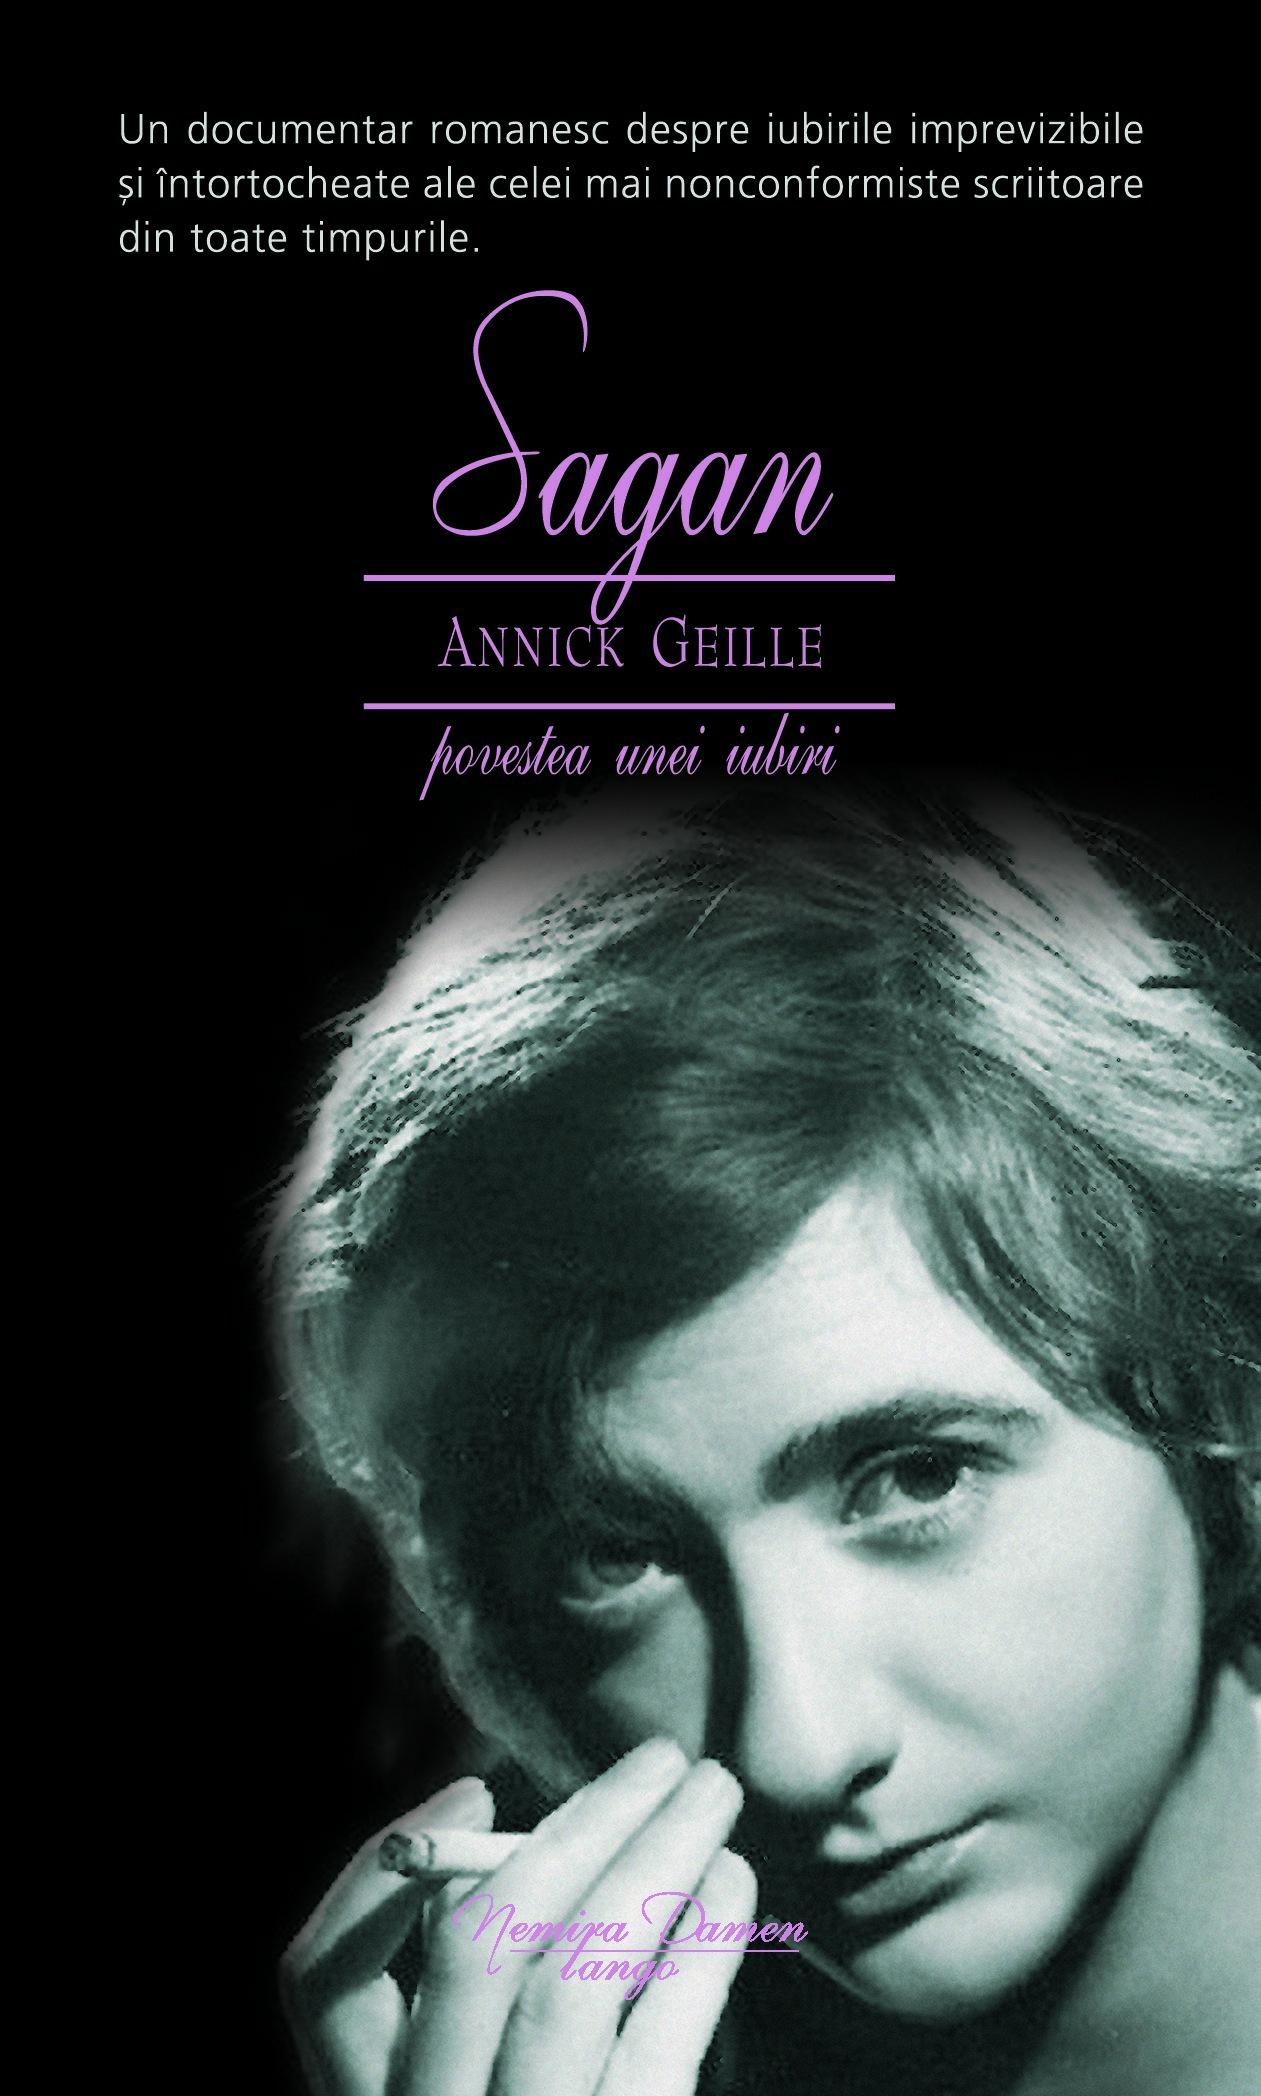 annick-geille_un-amour-de-sagan2